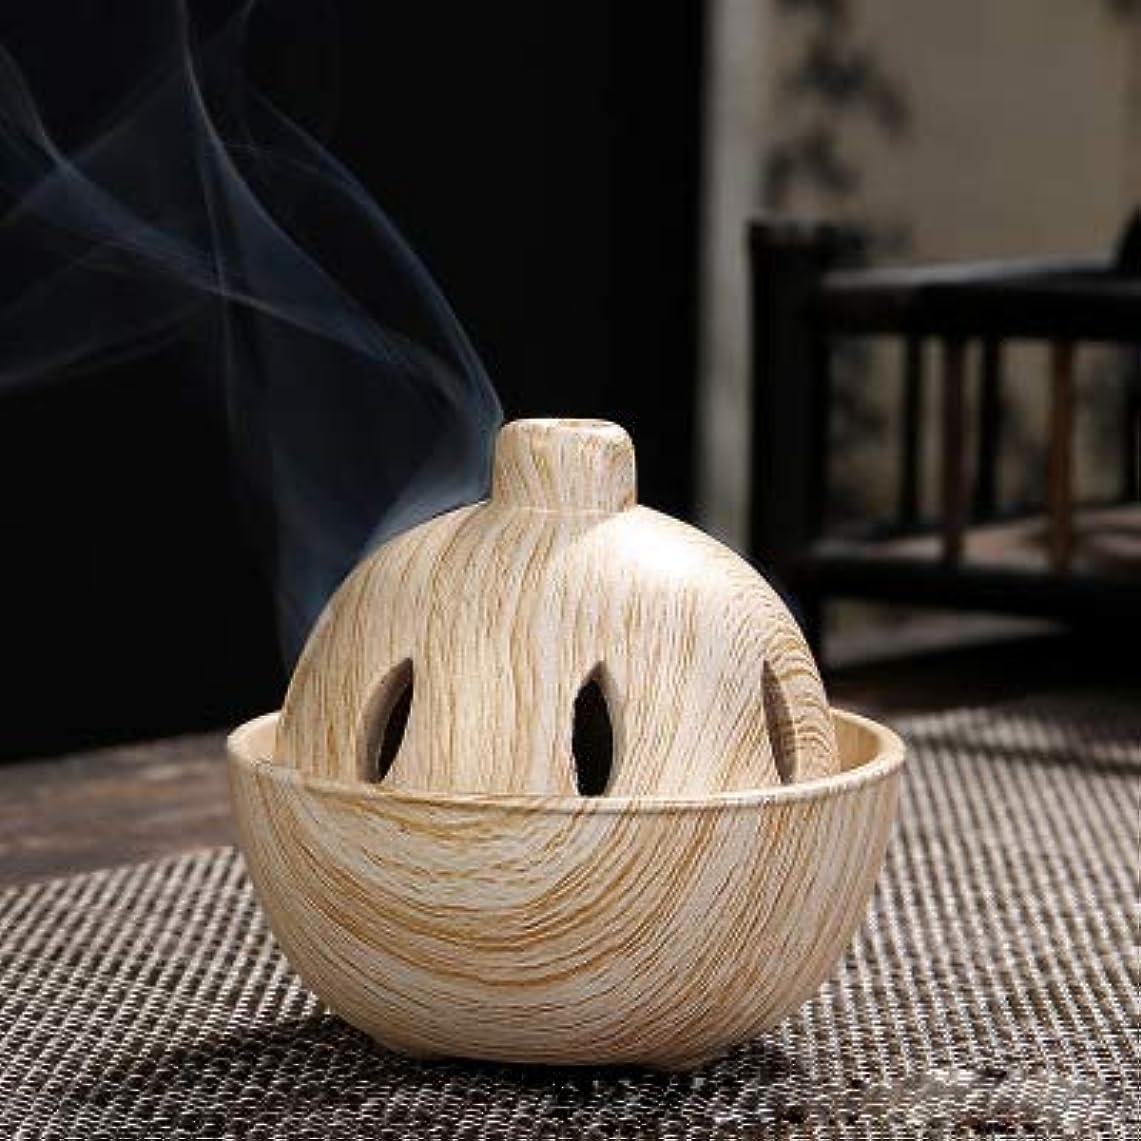 チャレンジ座る弾薬PHILOGOD 陶器香炉 クリエイティブスタイリング 仏壇用 渦巻き線香立て 香皿 (Brown)